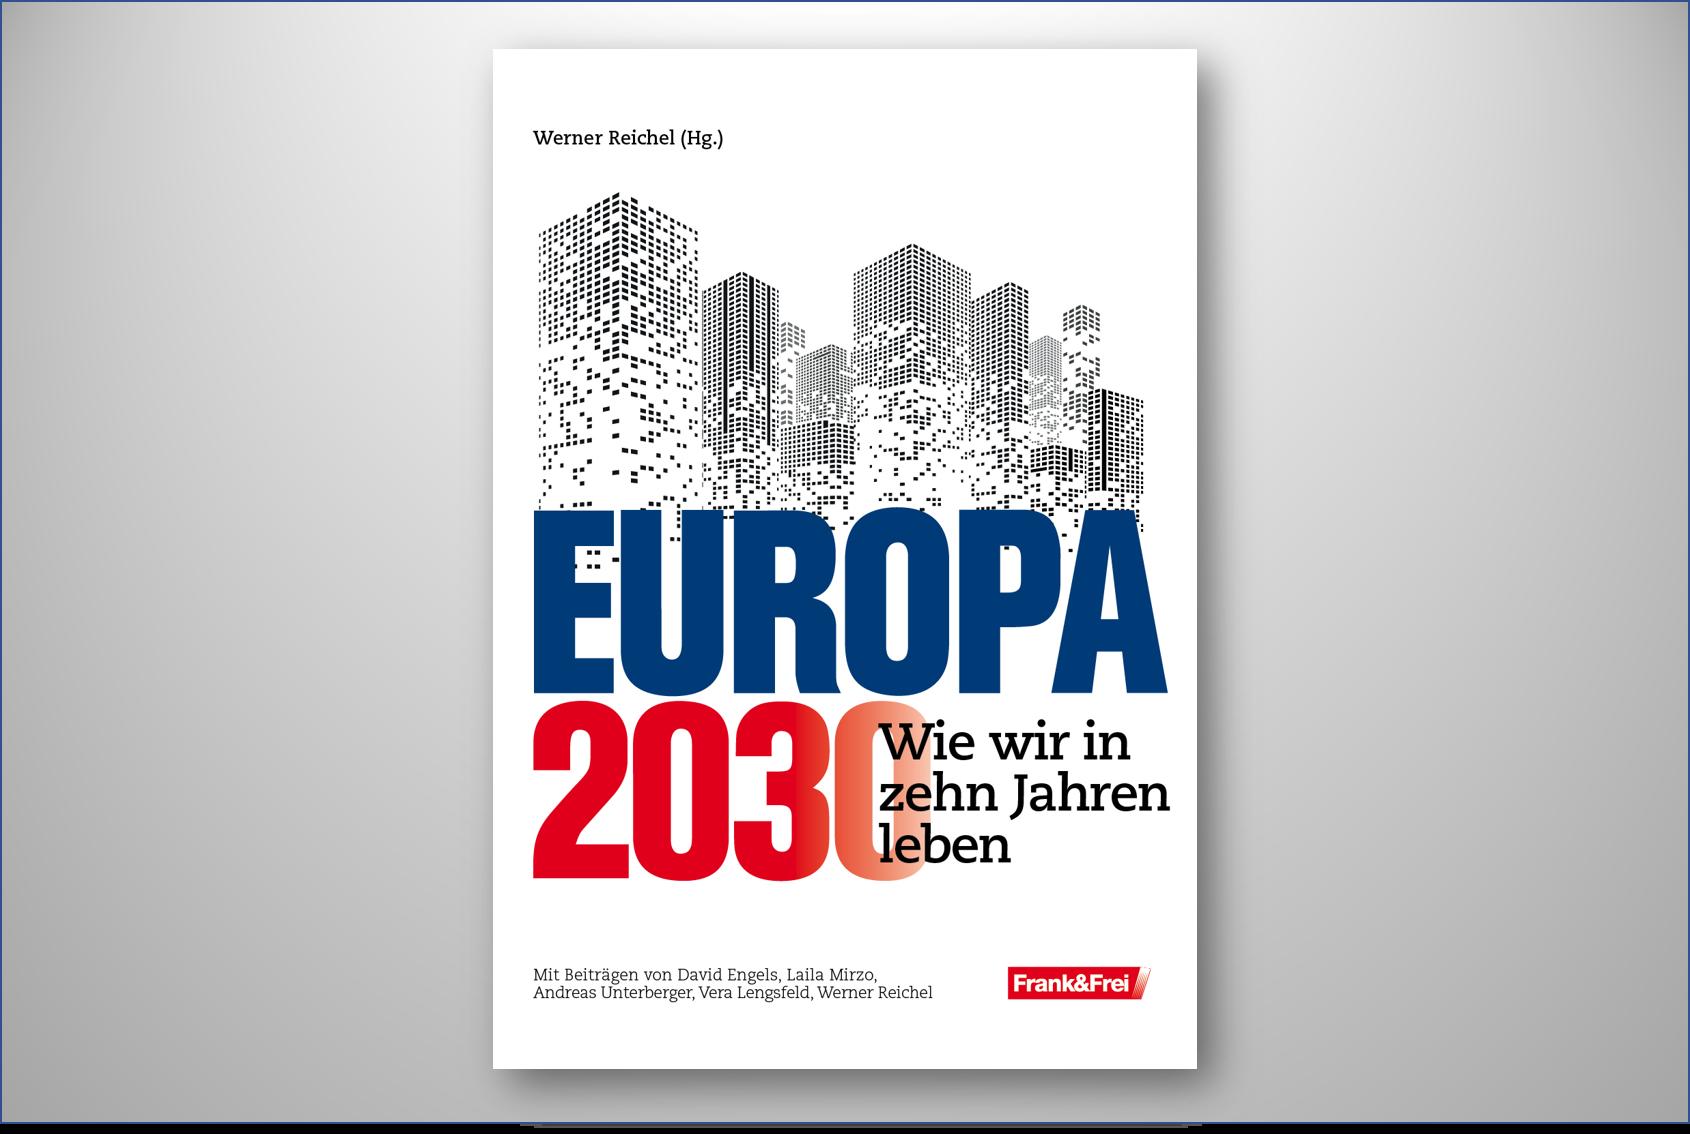 Ist Europa ein Auslaufmodell?